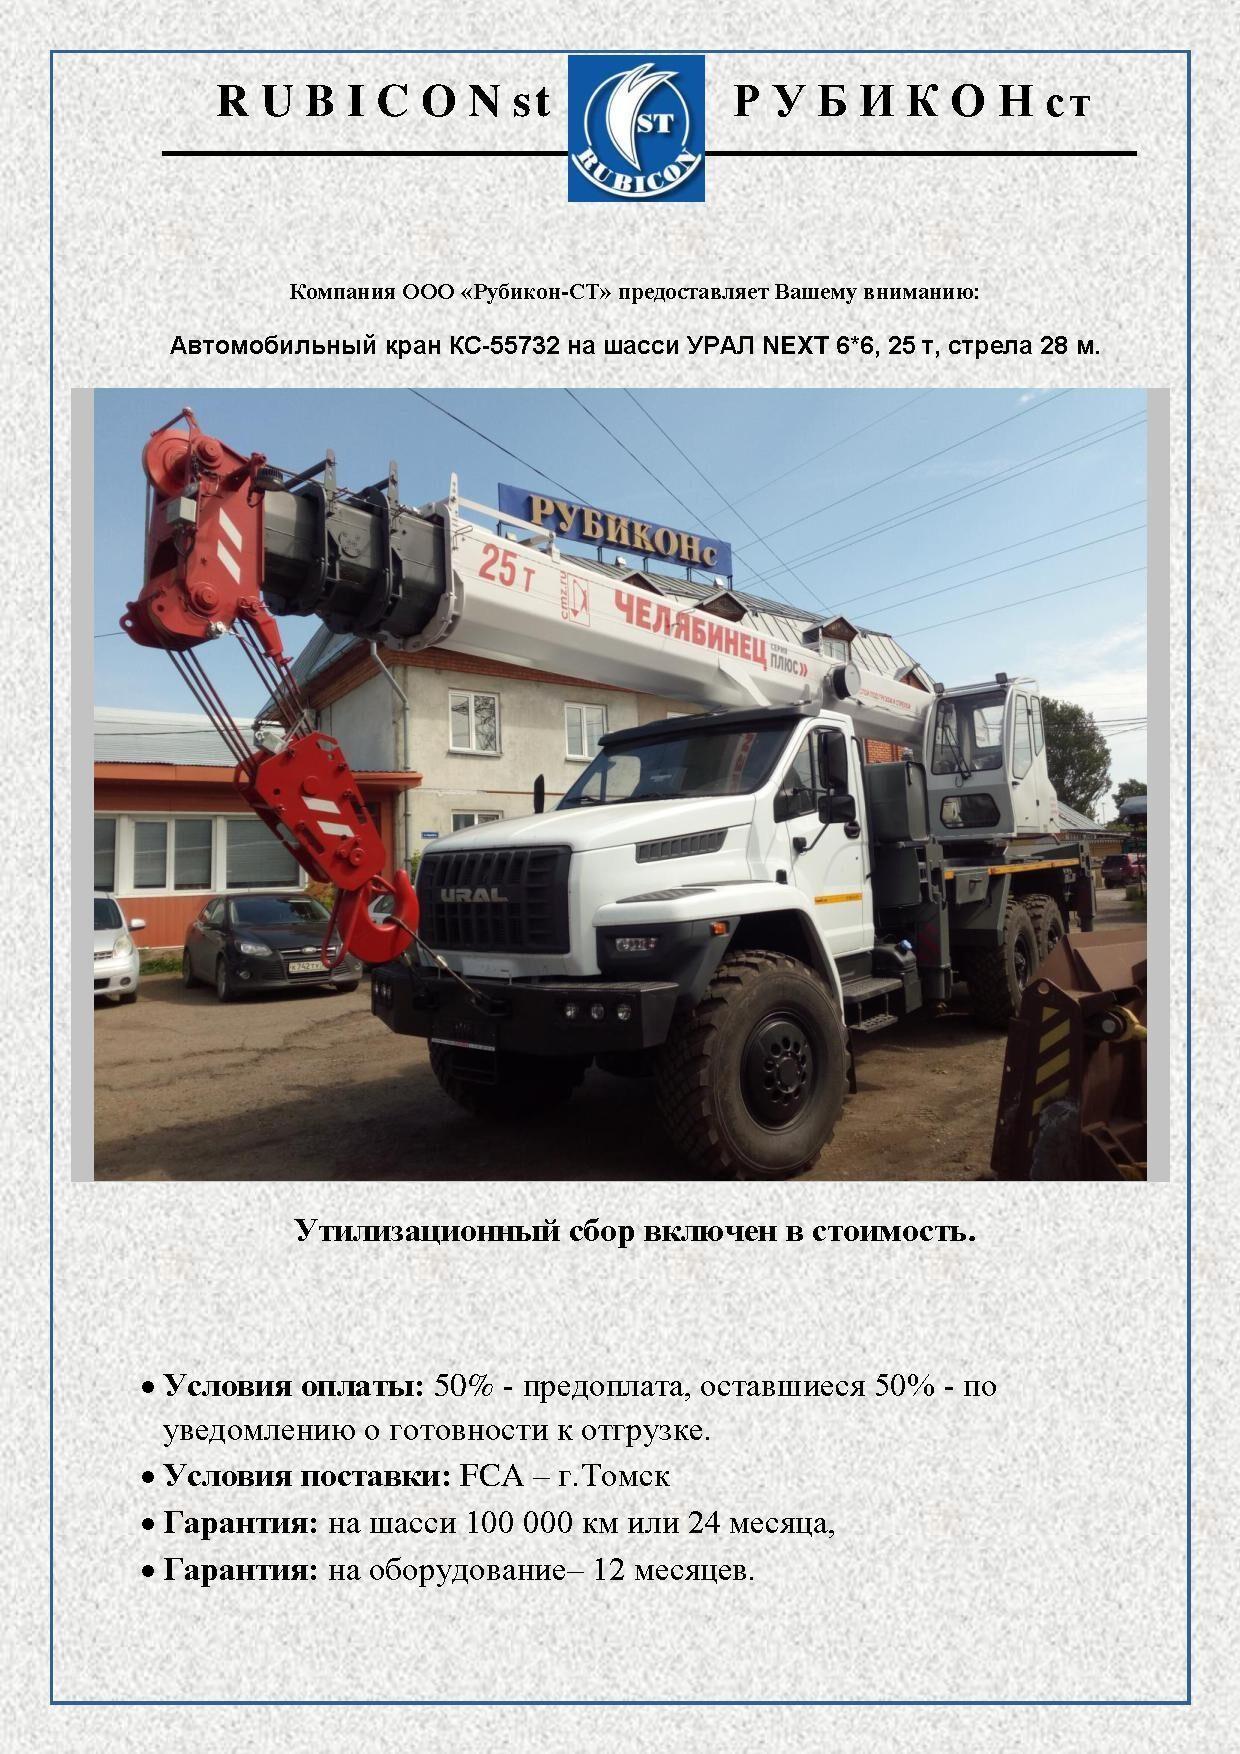 Автокран Челябинец Урал 1